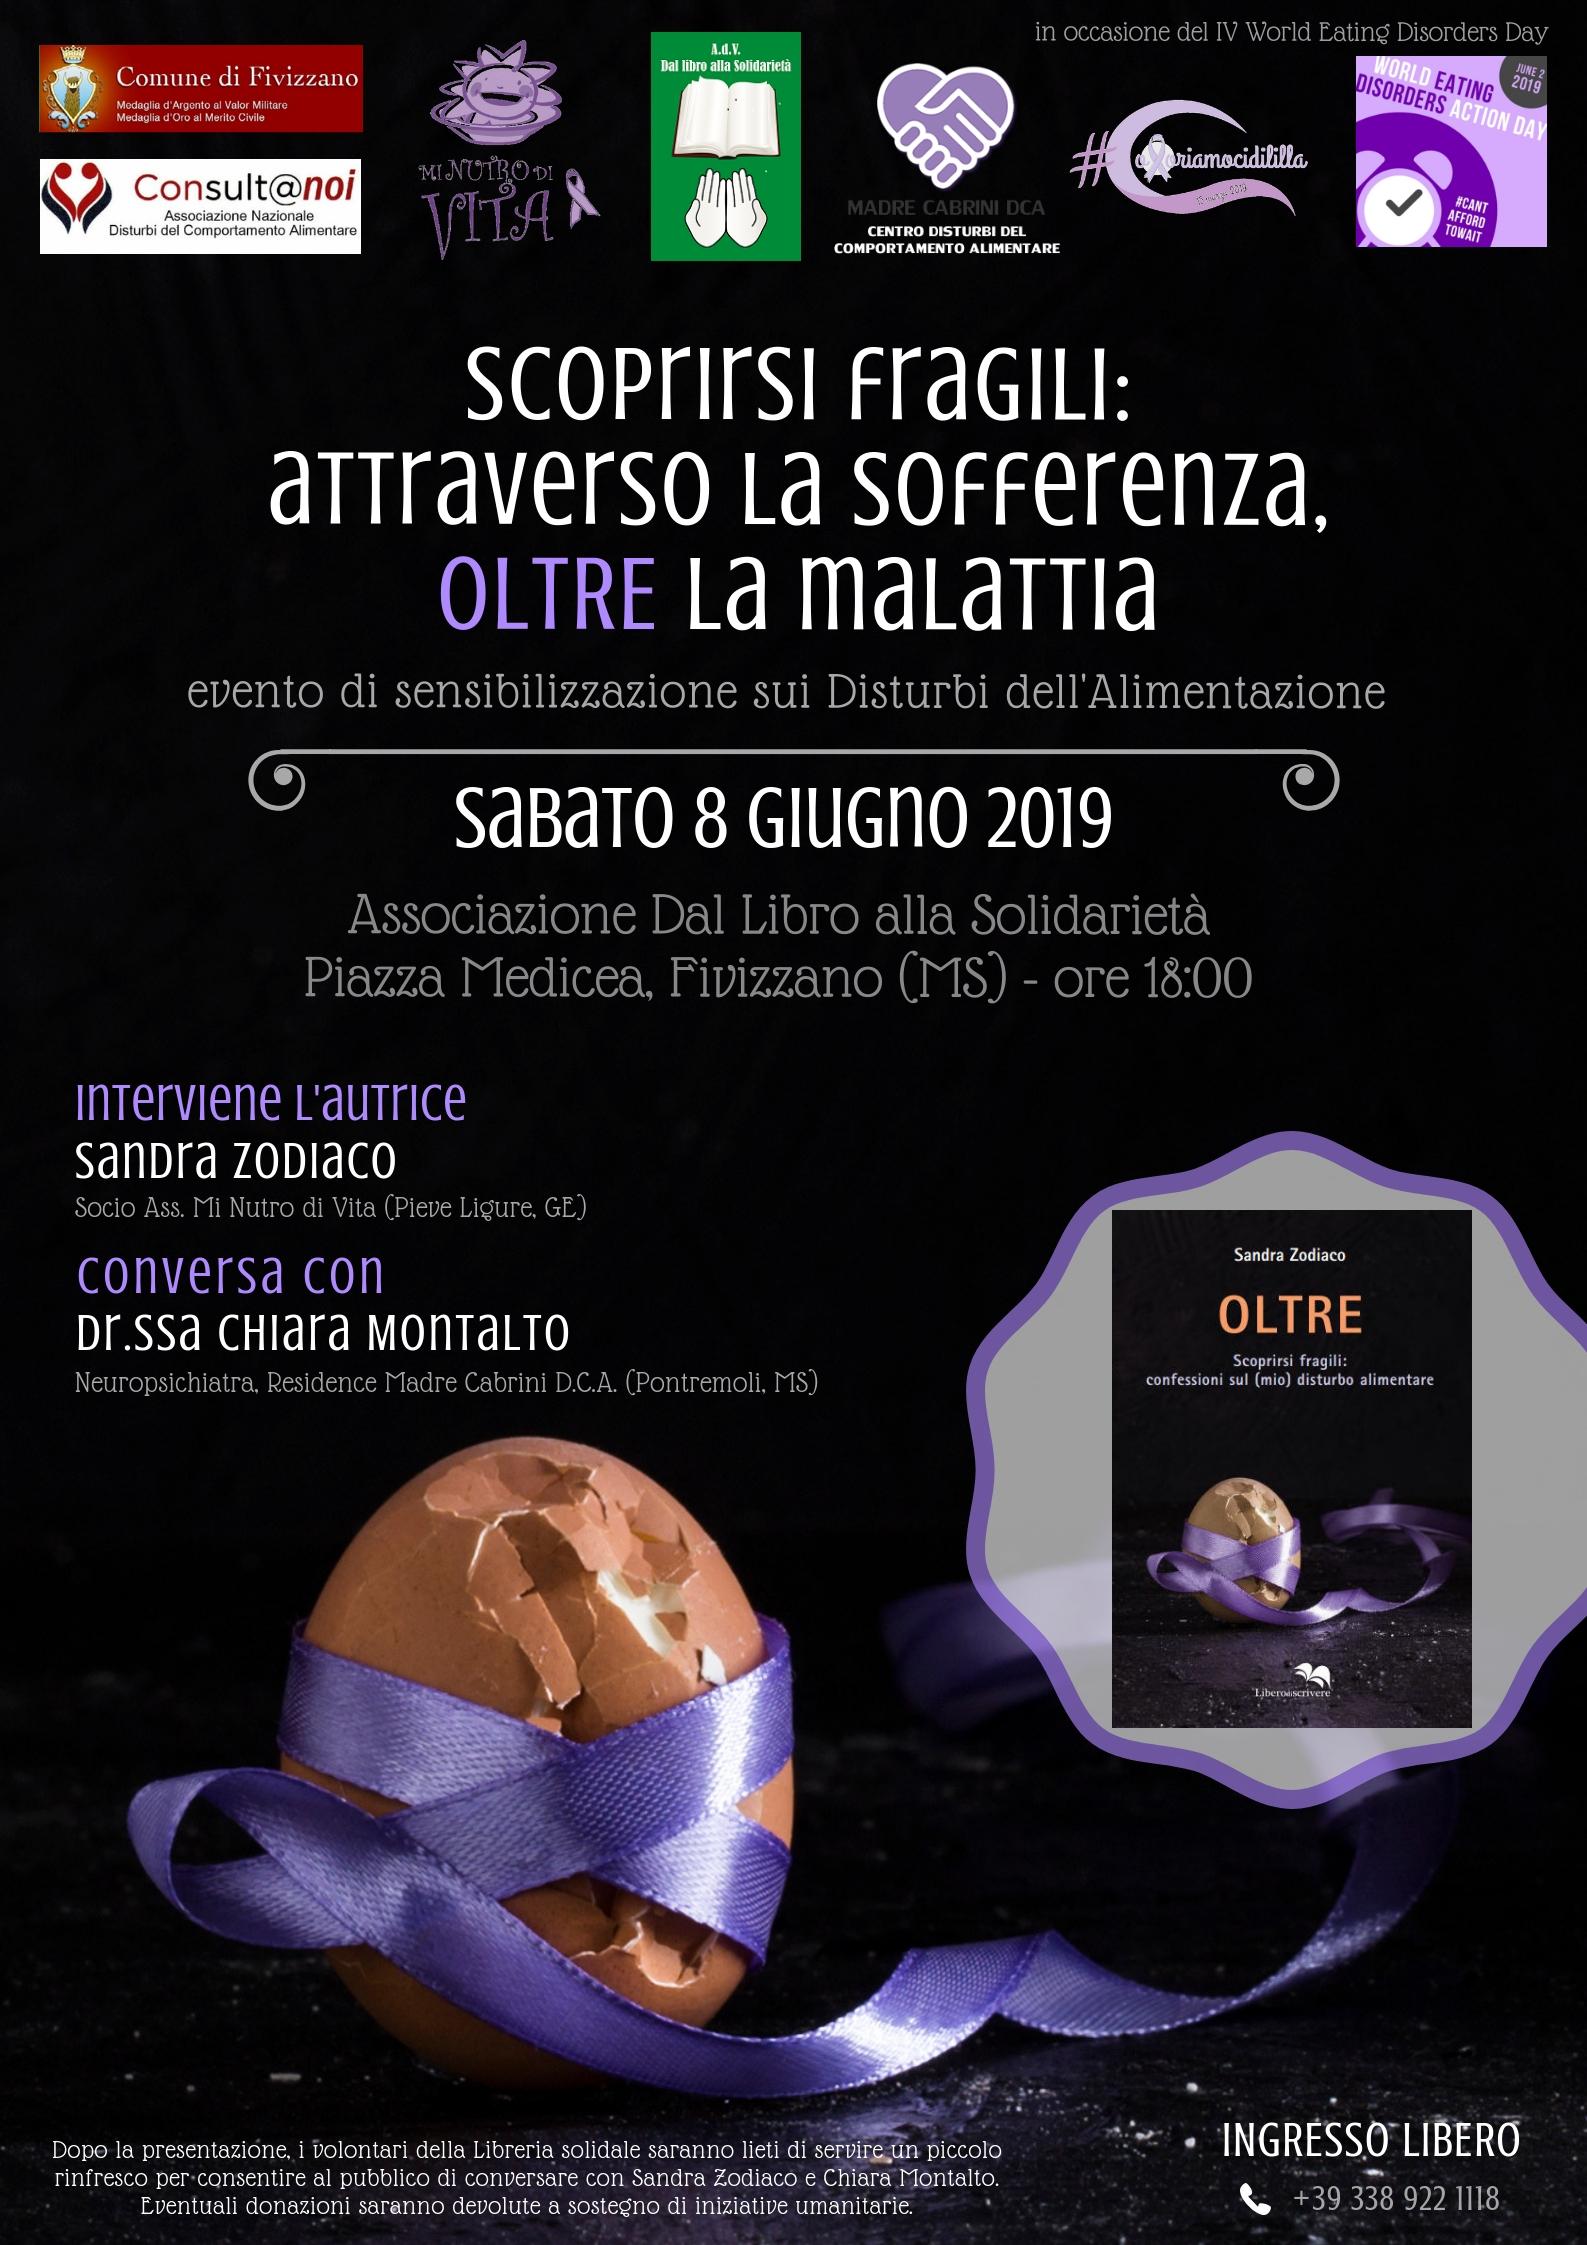 2019_Evento_Oltre_Fivizzano.jpg